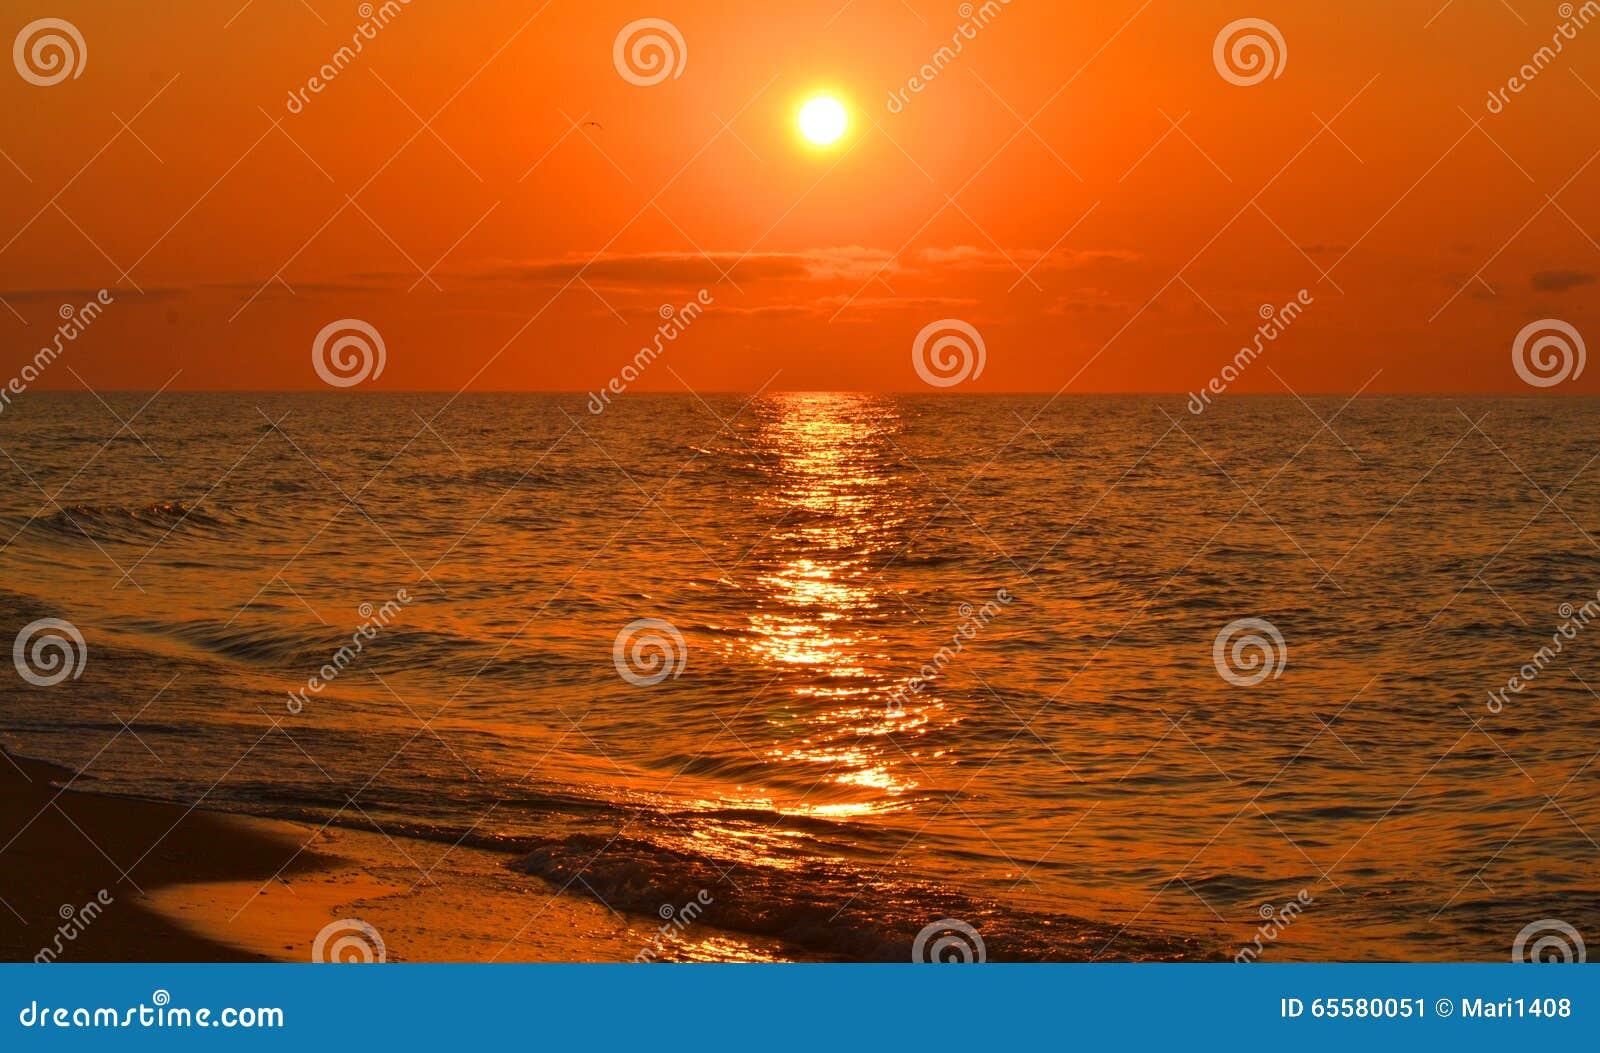 Vista do mar durante o por do sol, nascer do sol